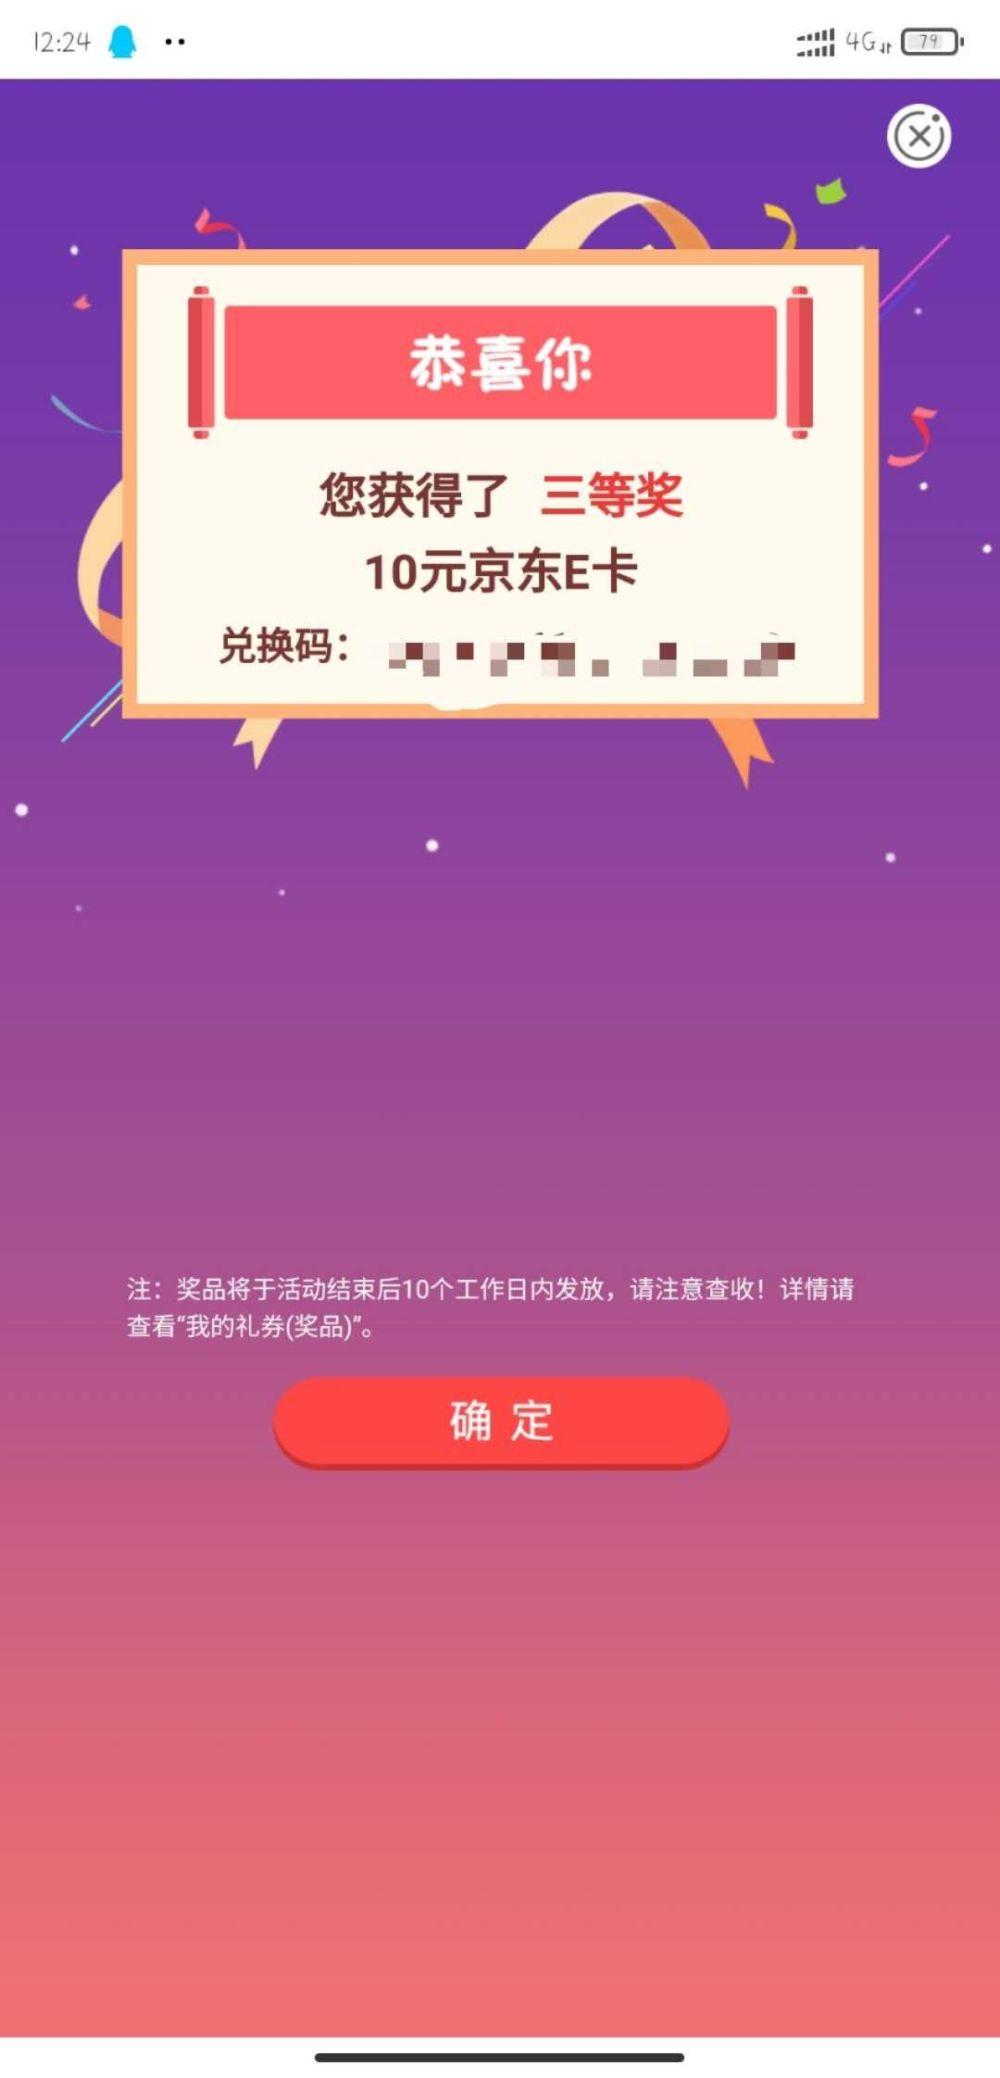 图片[1]-农行领京东10E卡-飞享资源网